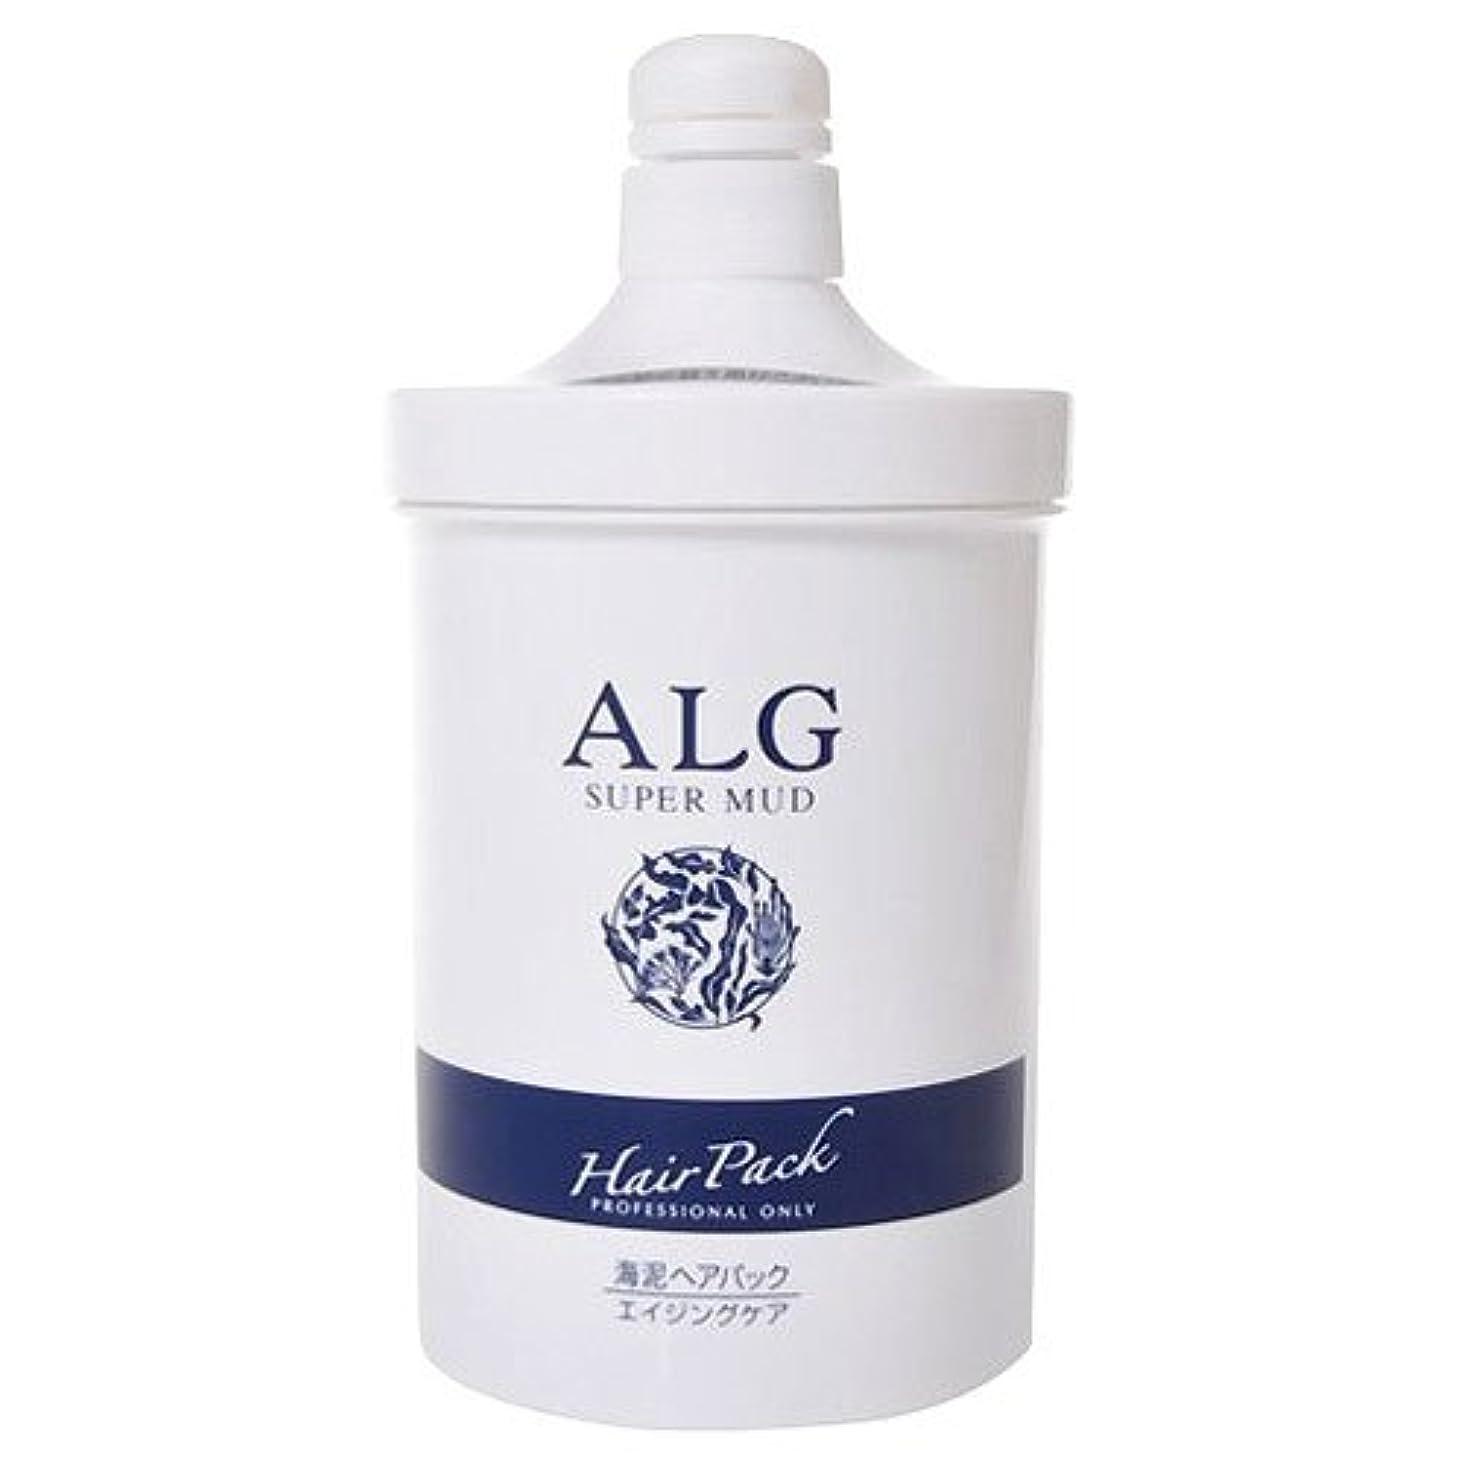 天腸苗アルグ スーパーマッドヘアパック M 1000g(ポンプ)